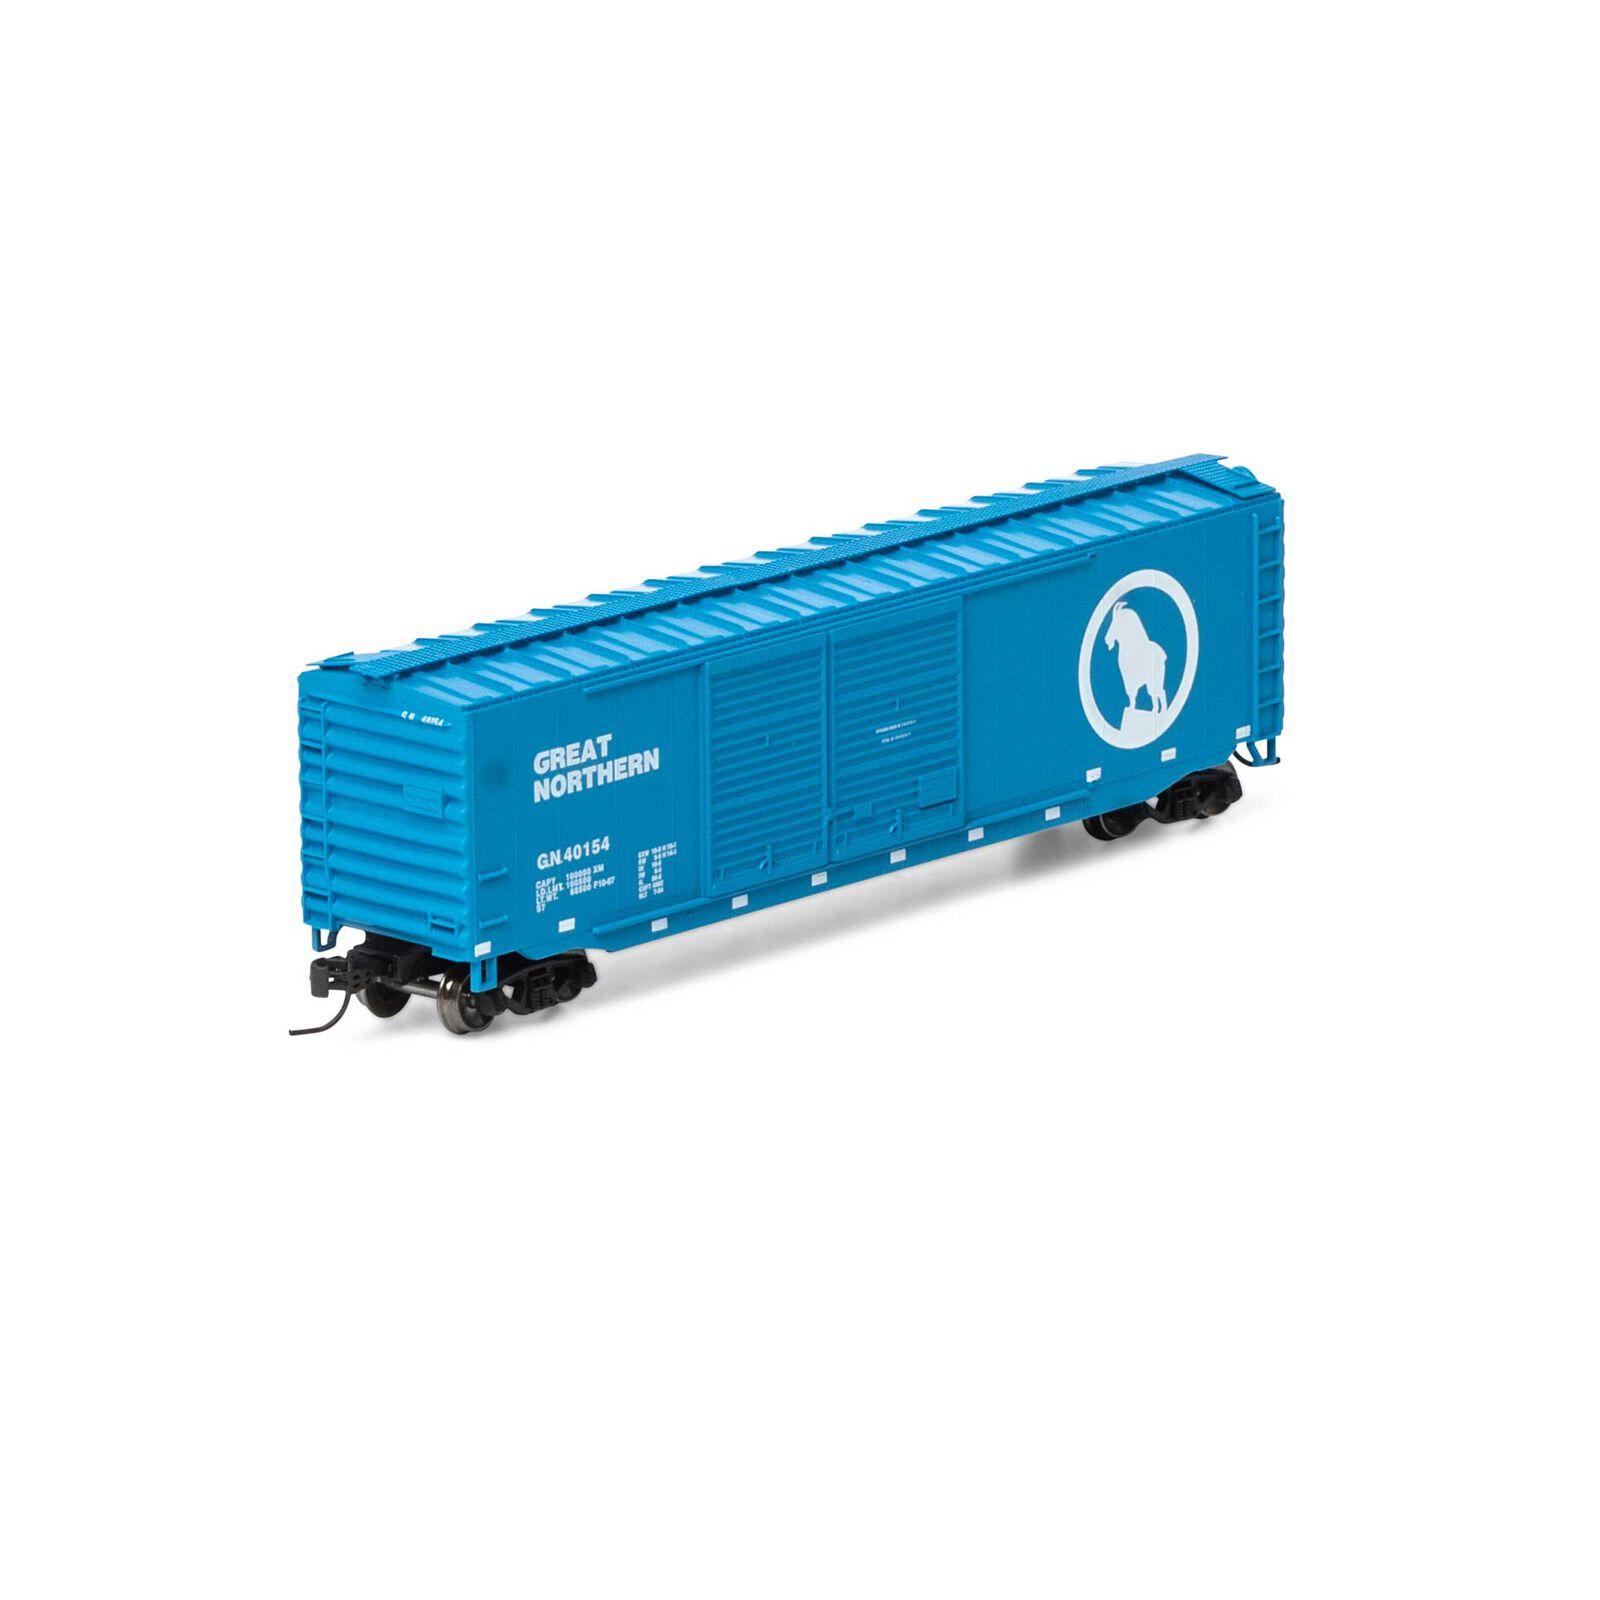 N 50' Double Sliding Door Box GN #40154